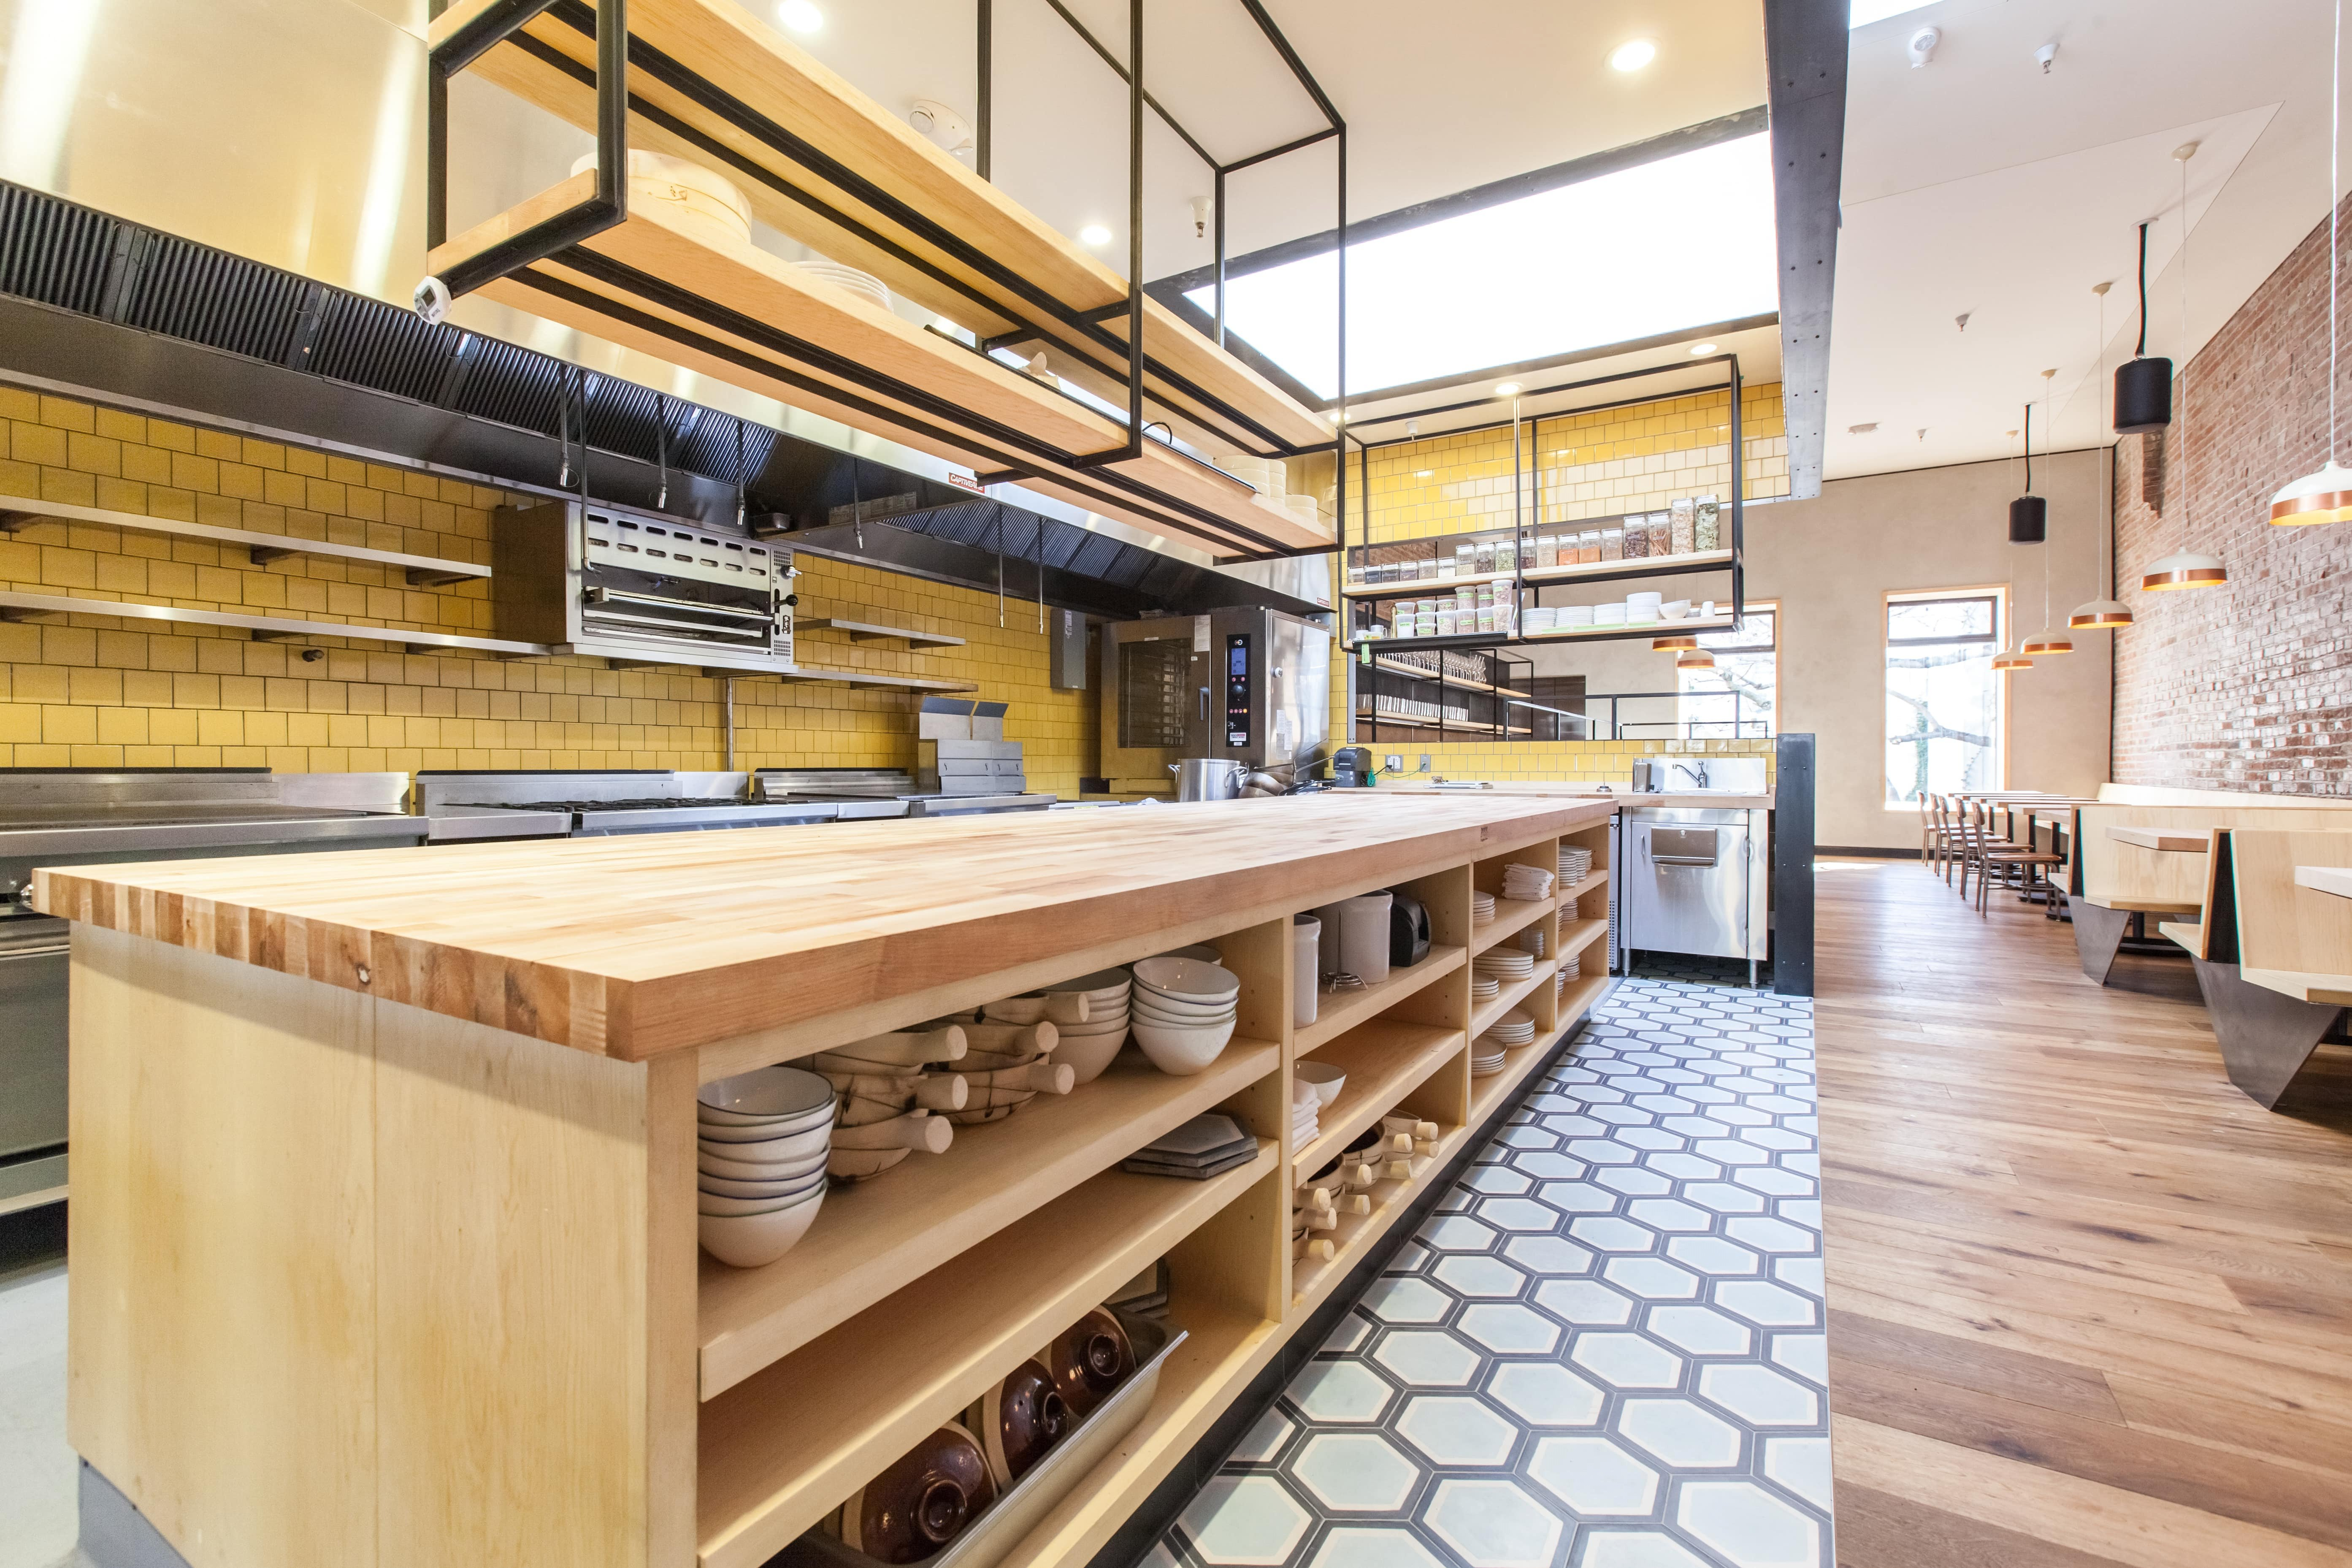 Liholiho Yacht Club Kitchen